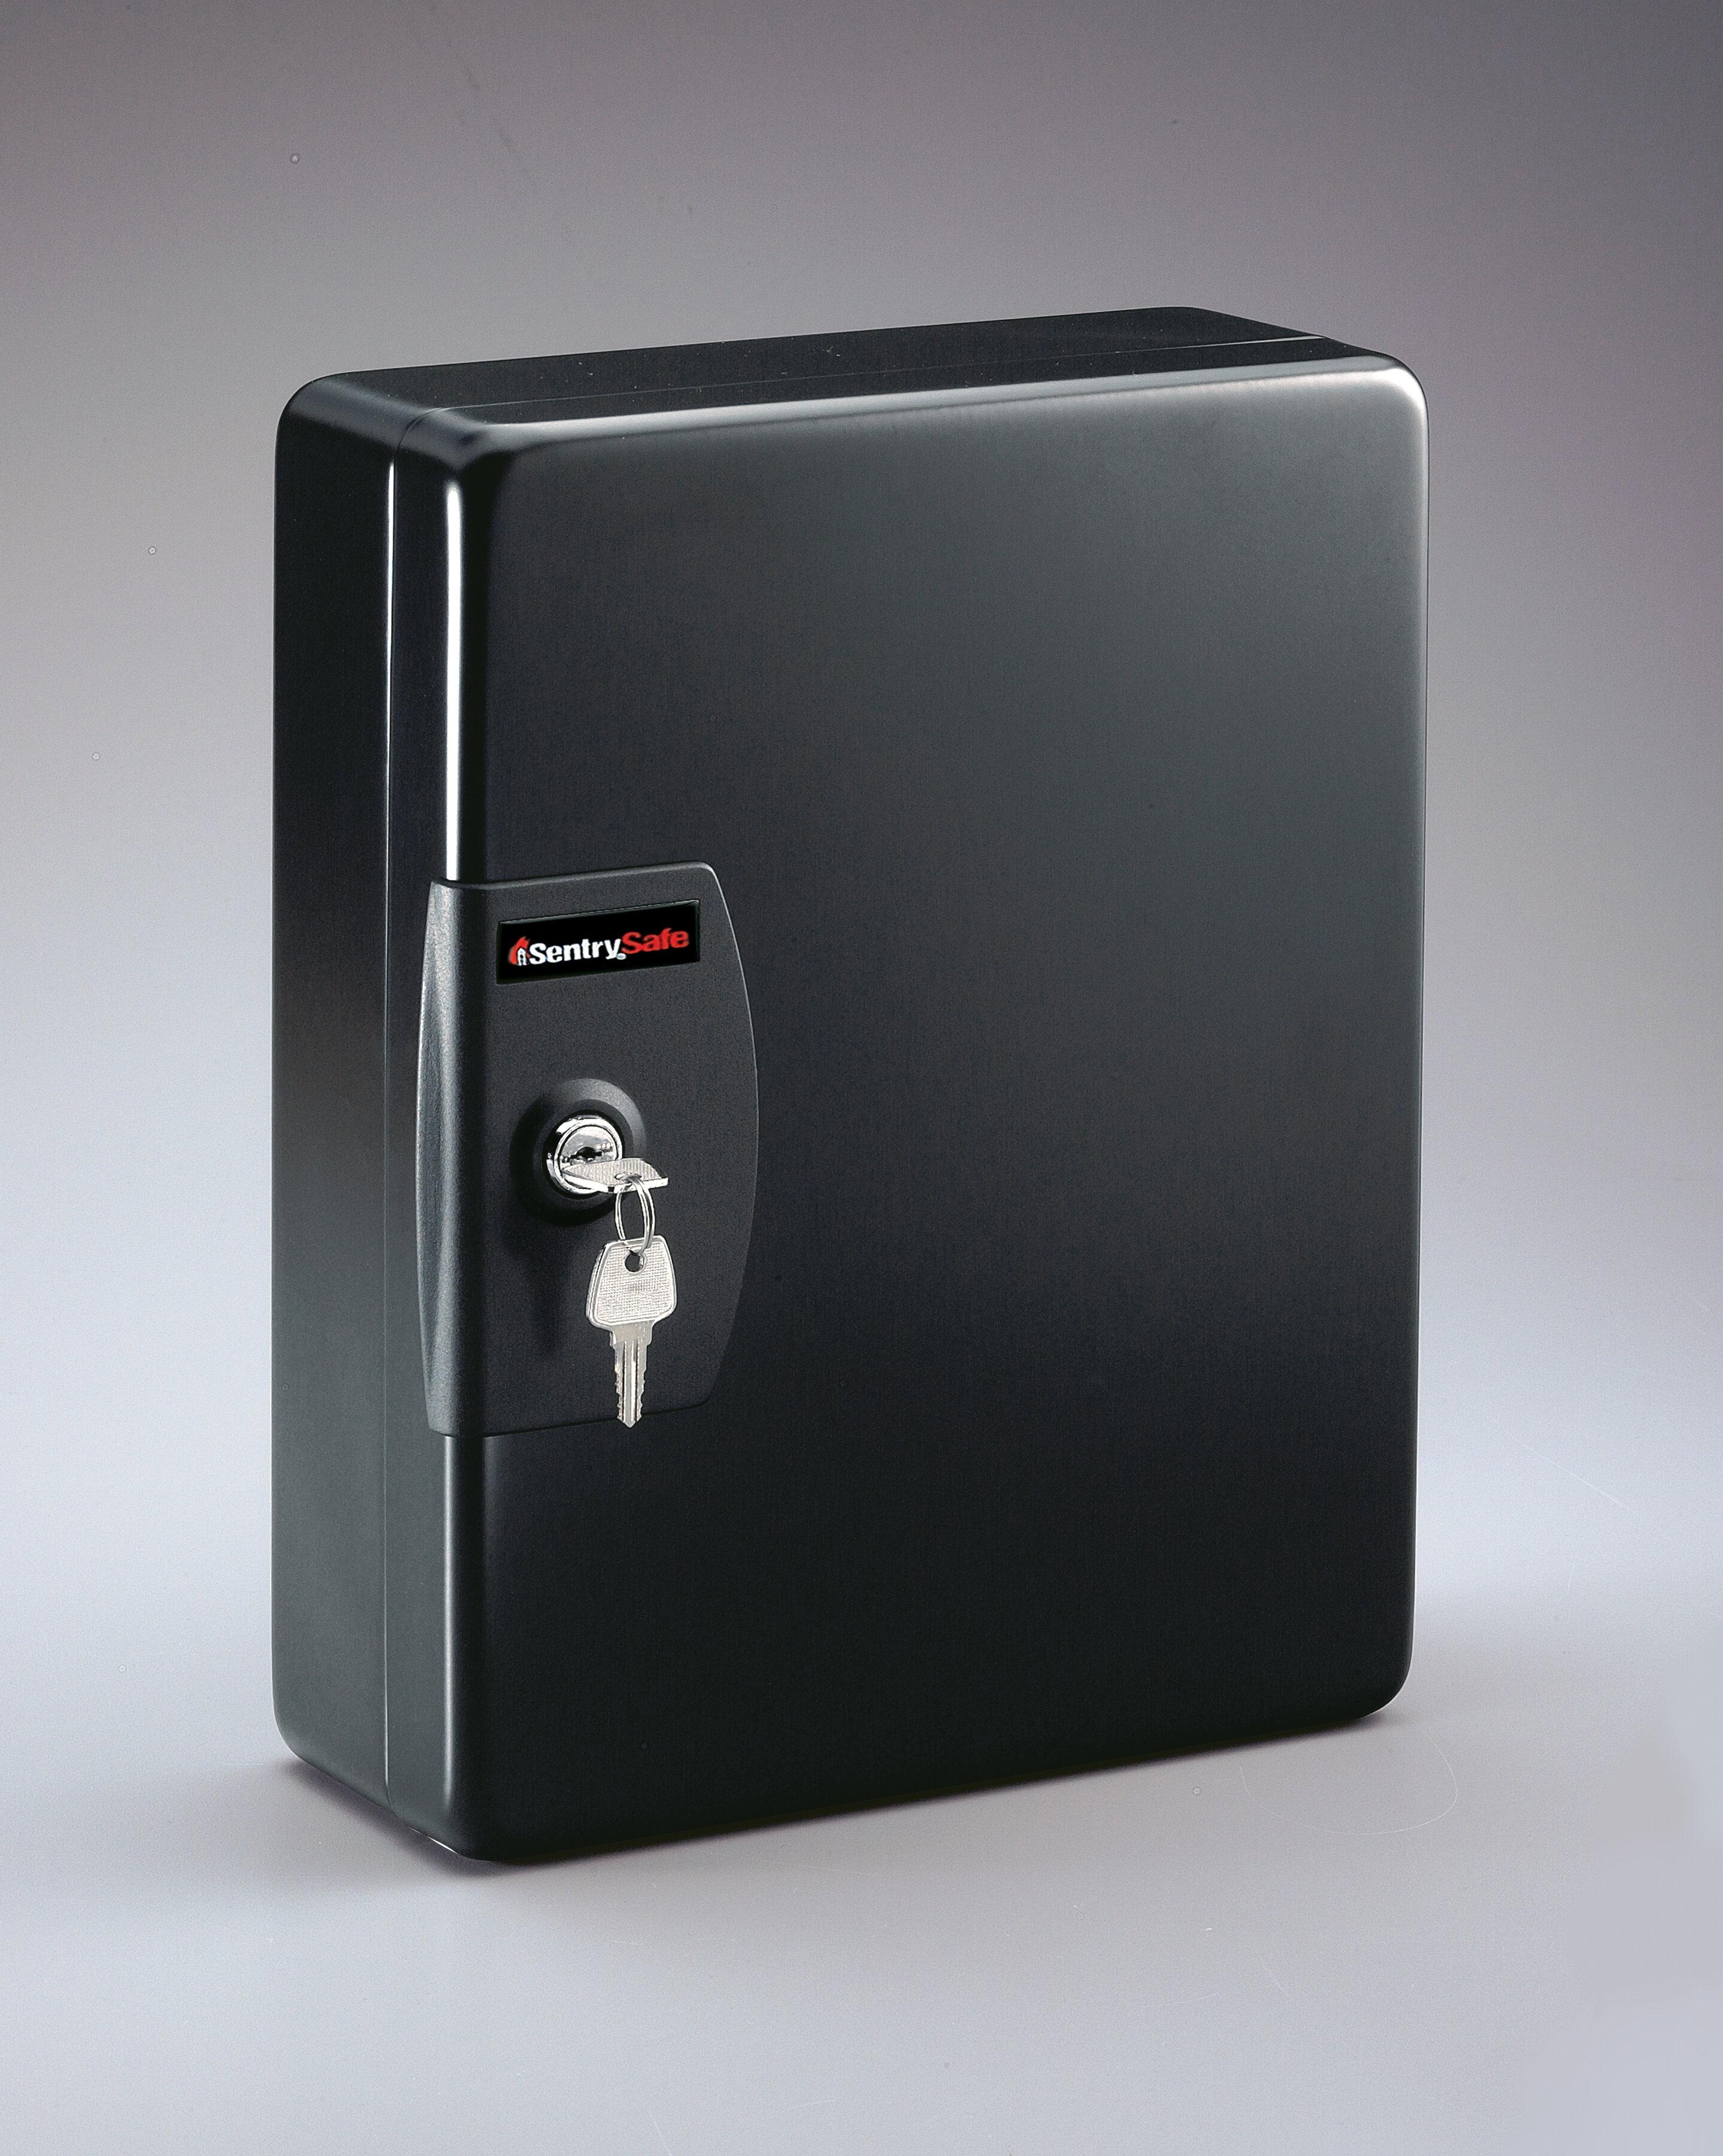 Locking Key Safe 25 Capacity Keybox Locked Metal Hanging Box Car Auto Dealer New